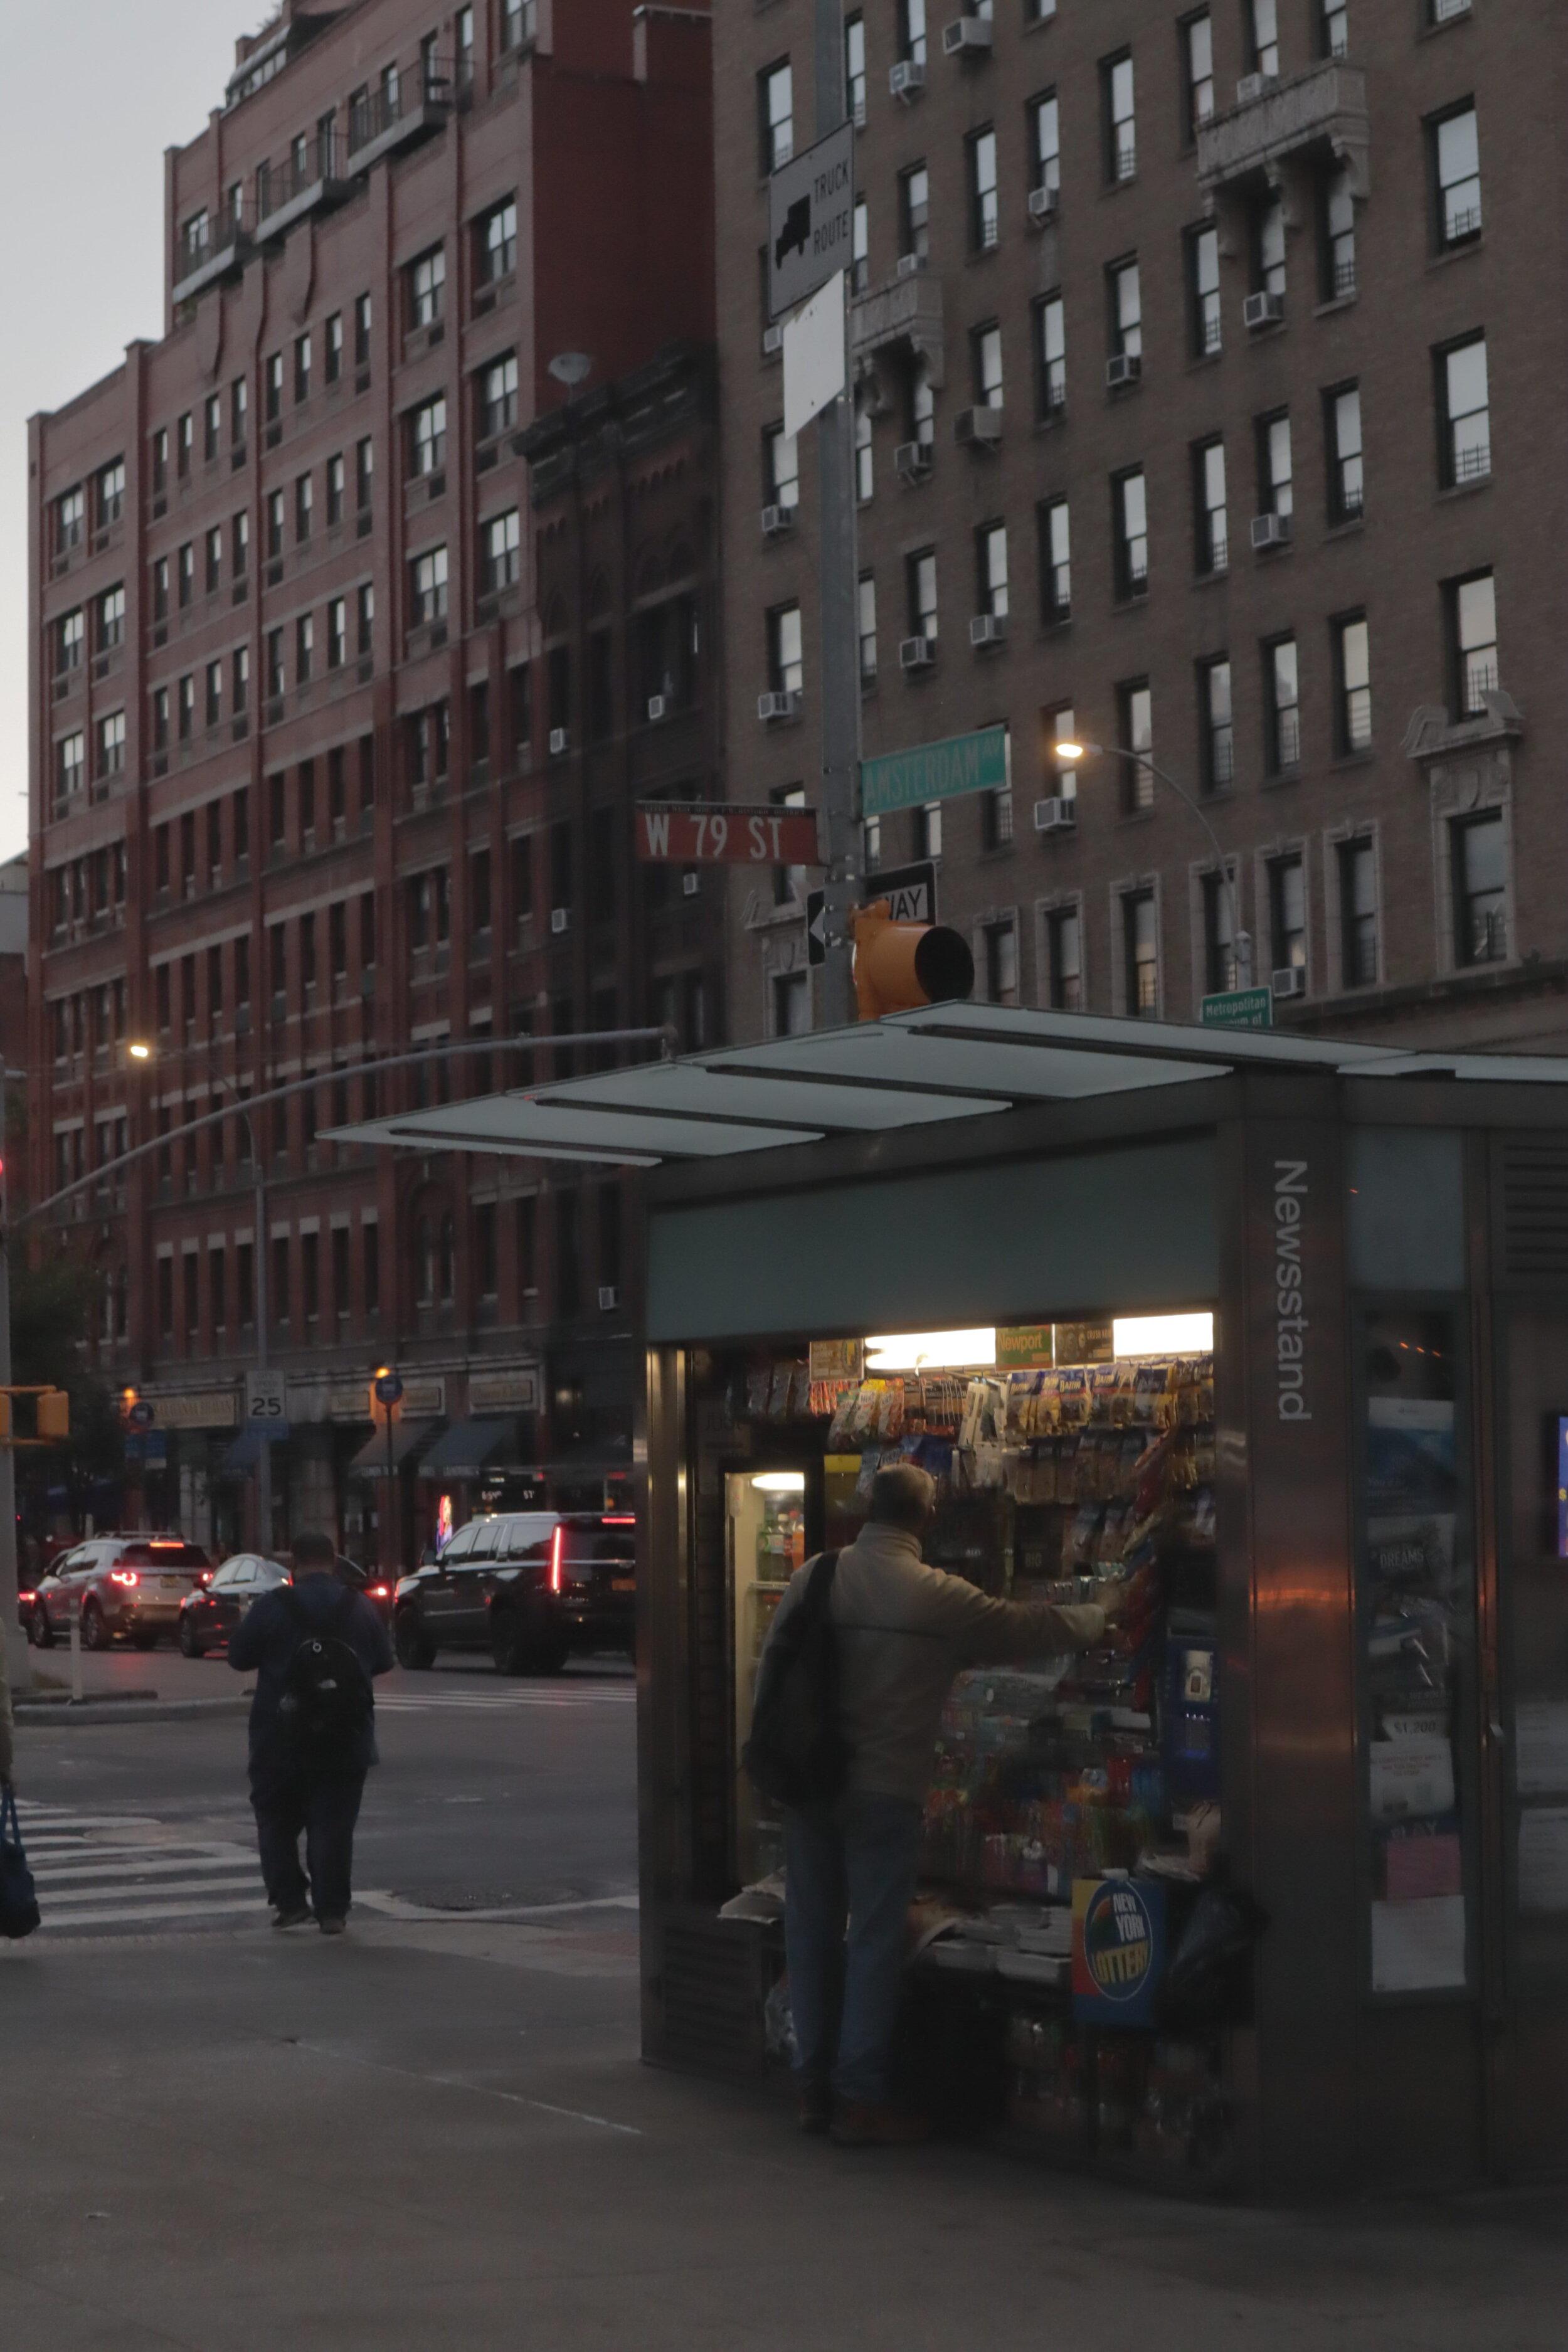 Corner shops in New York